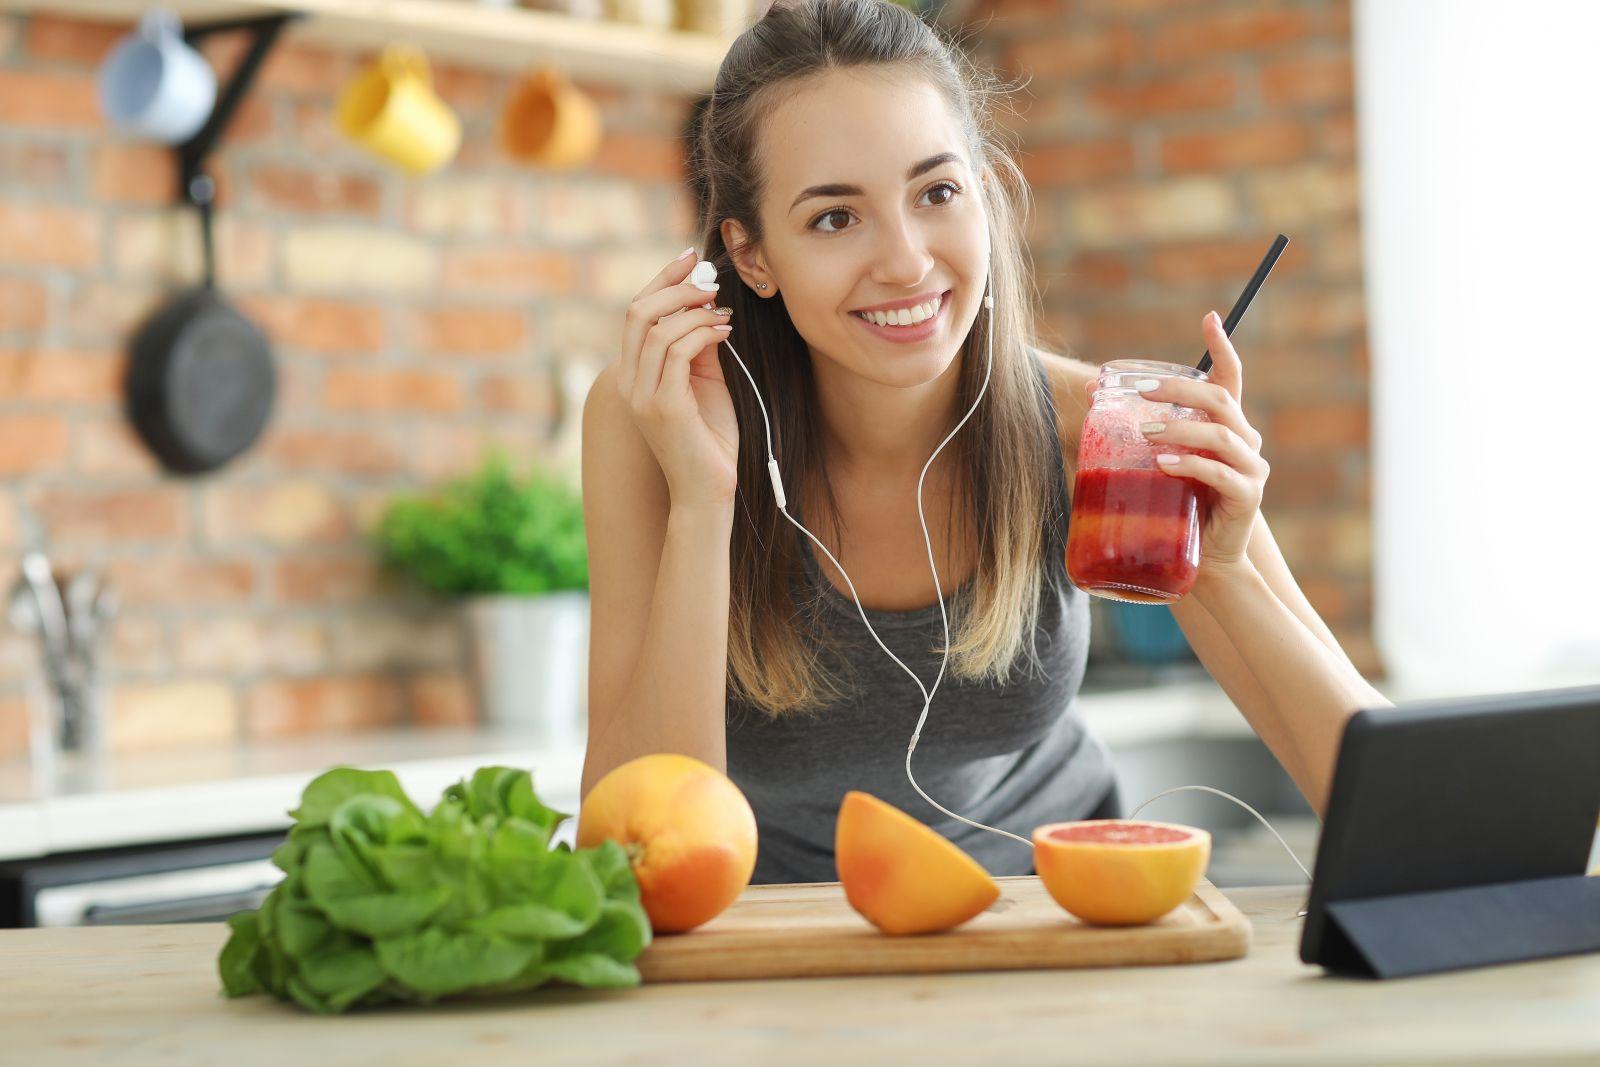 devojka drži smuti u ruci, a na stalu ispred nje se nalazi voće